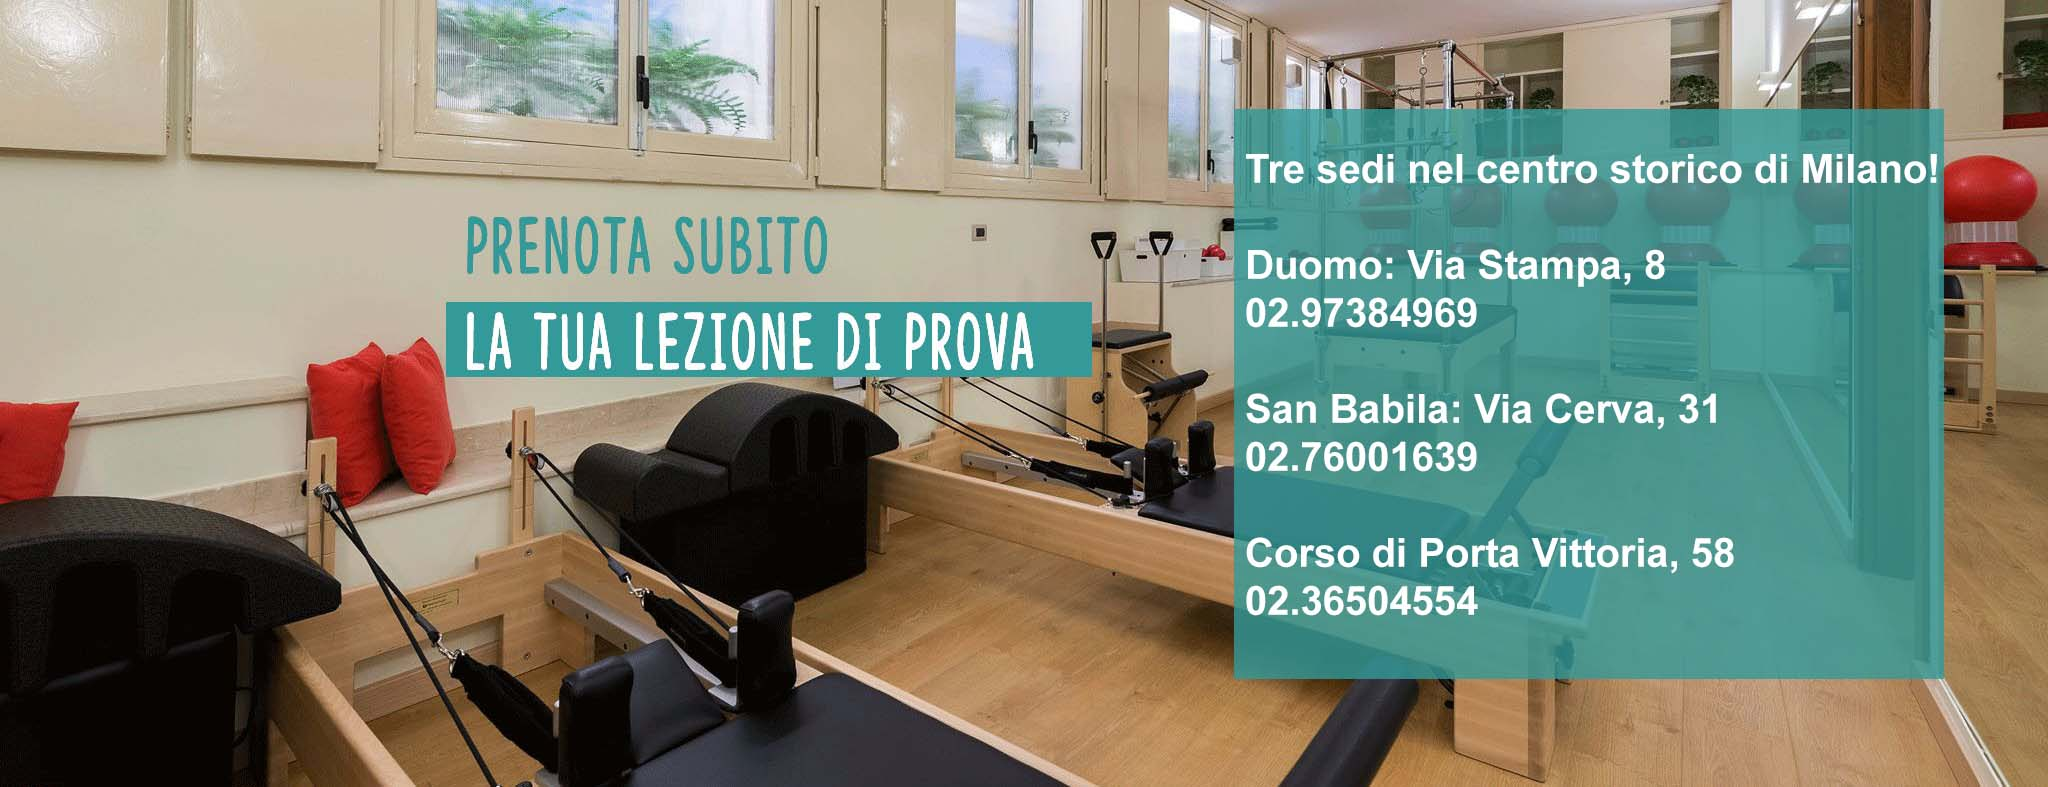 Corsi Di Pilates Pontaccio Milano - Prenota subito la tua lezione di prova